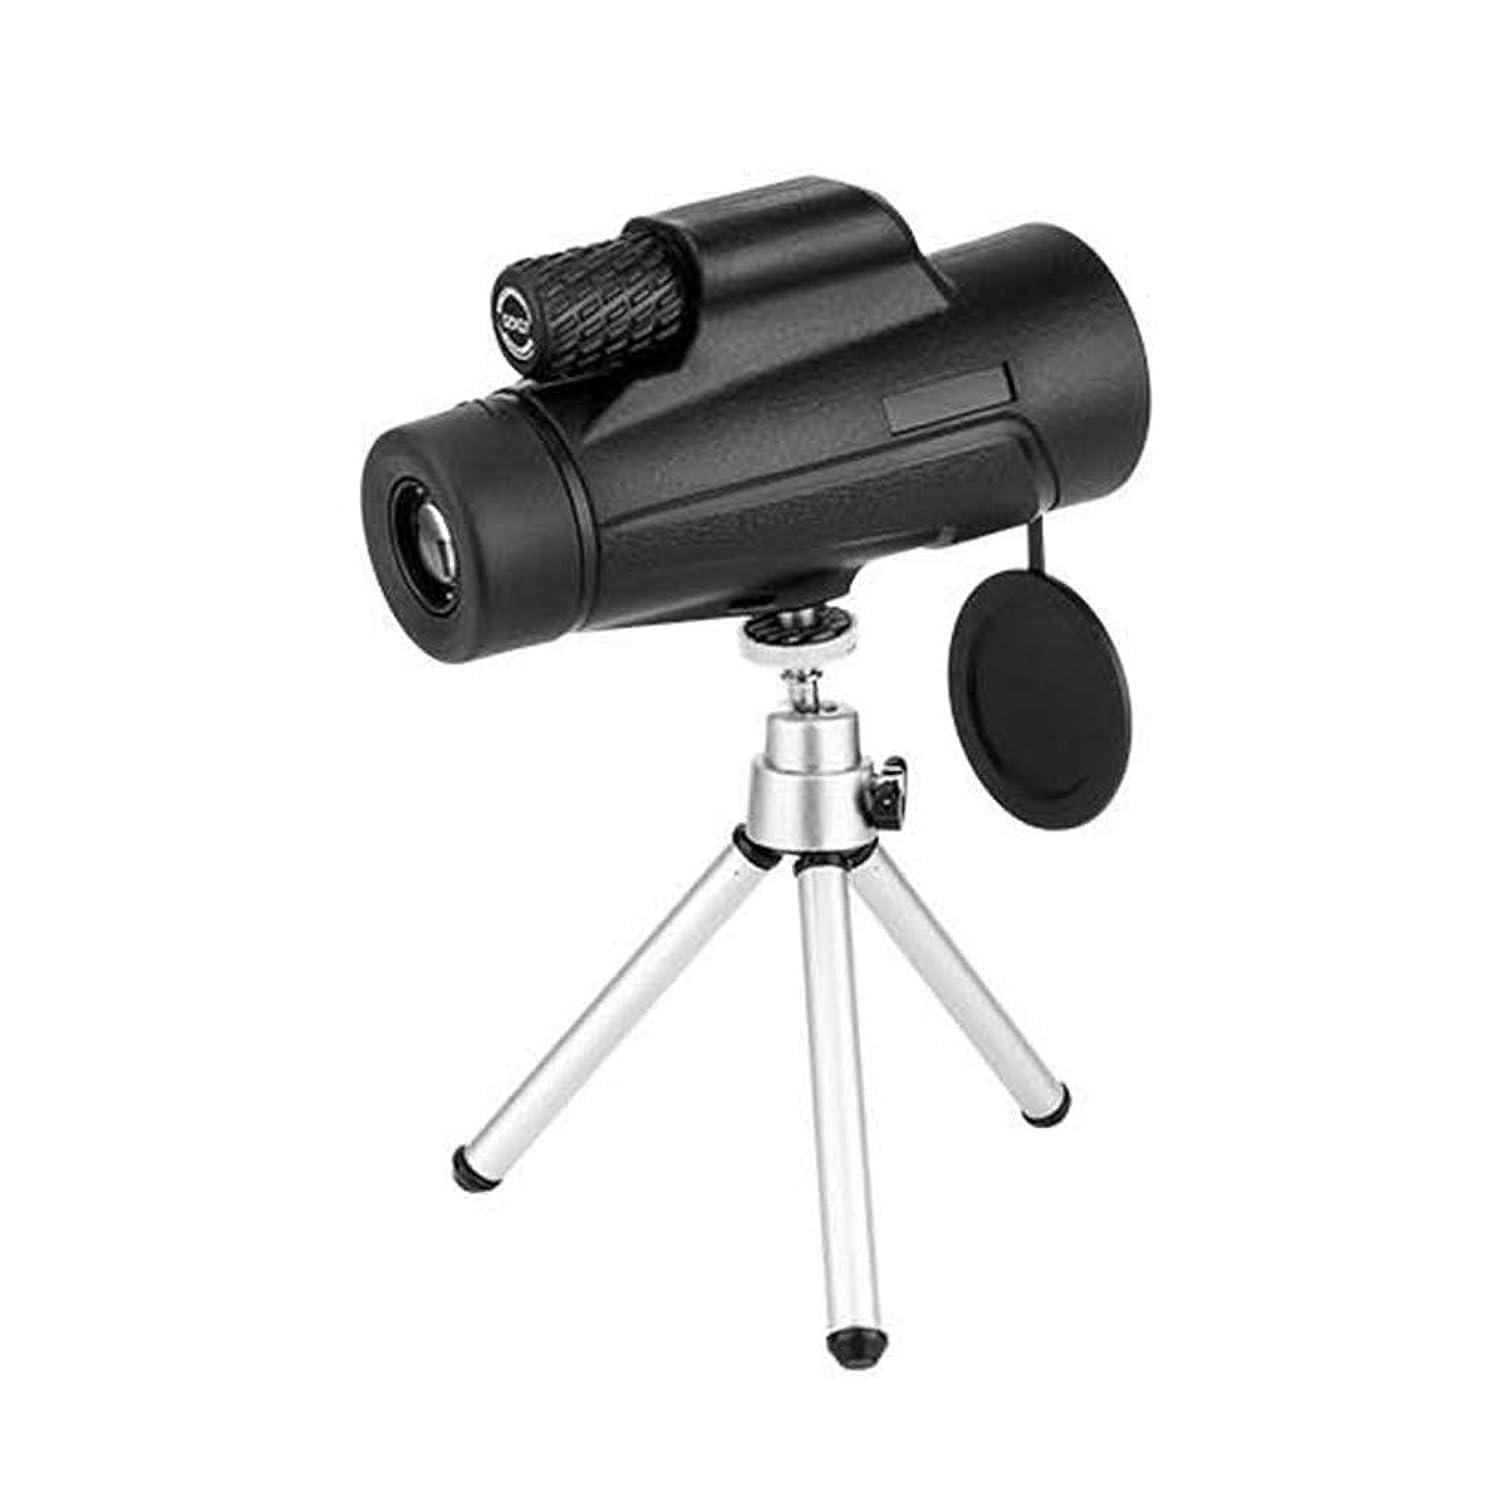 怒っている追記者単眼鏡 望遠鏡 高解像度 高精細 高倍率 生活防水 防塵 防霧 超軽量 携帯便利 遠近両用